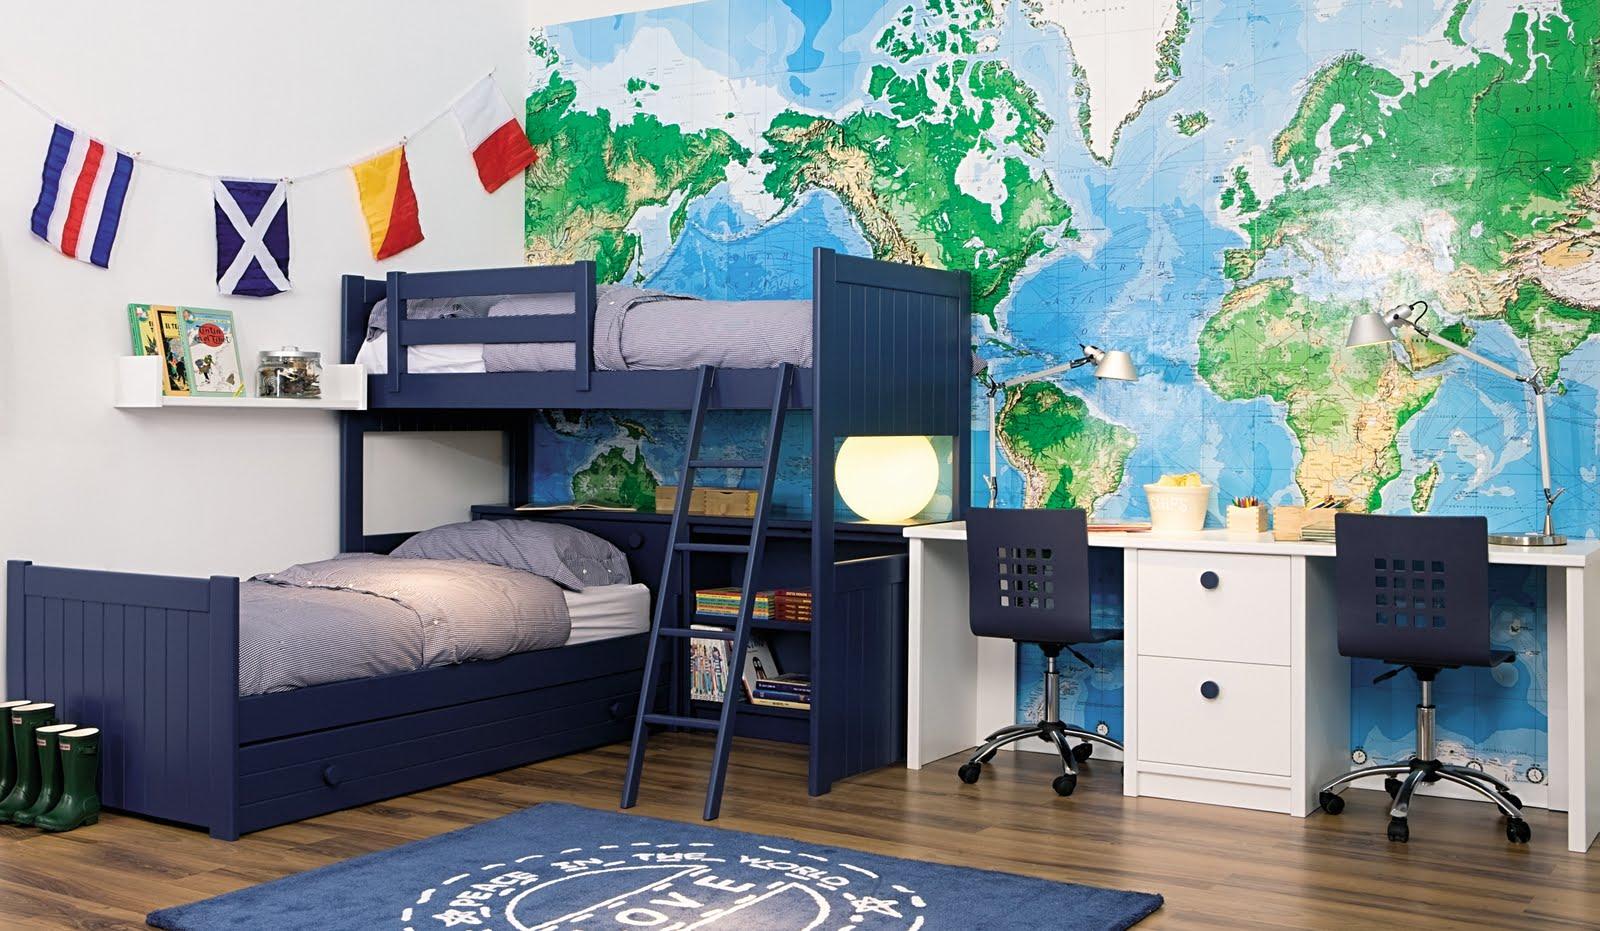 Mobiliario Muebles Tudela Roa Muebles Rey Dormitorios Juveniles  # Muebles Tudela Roa